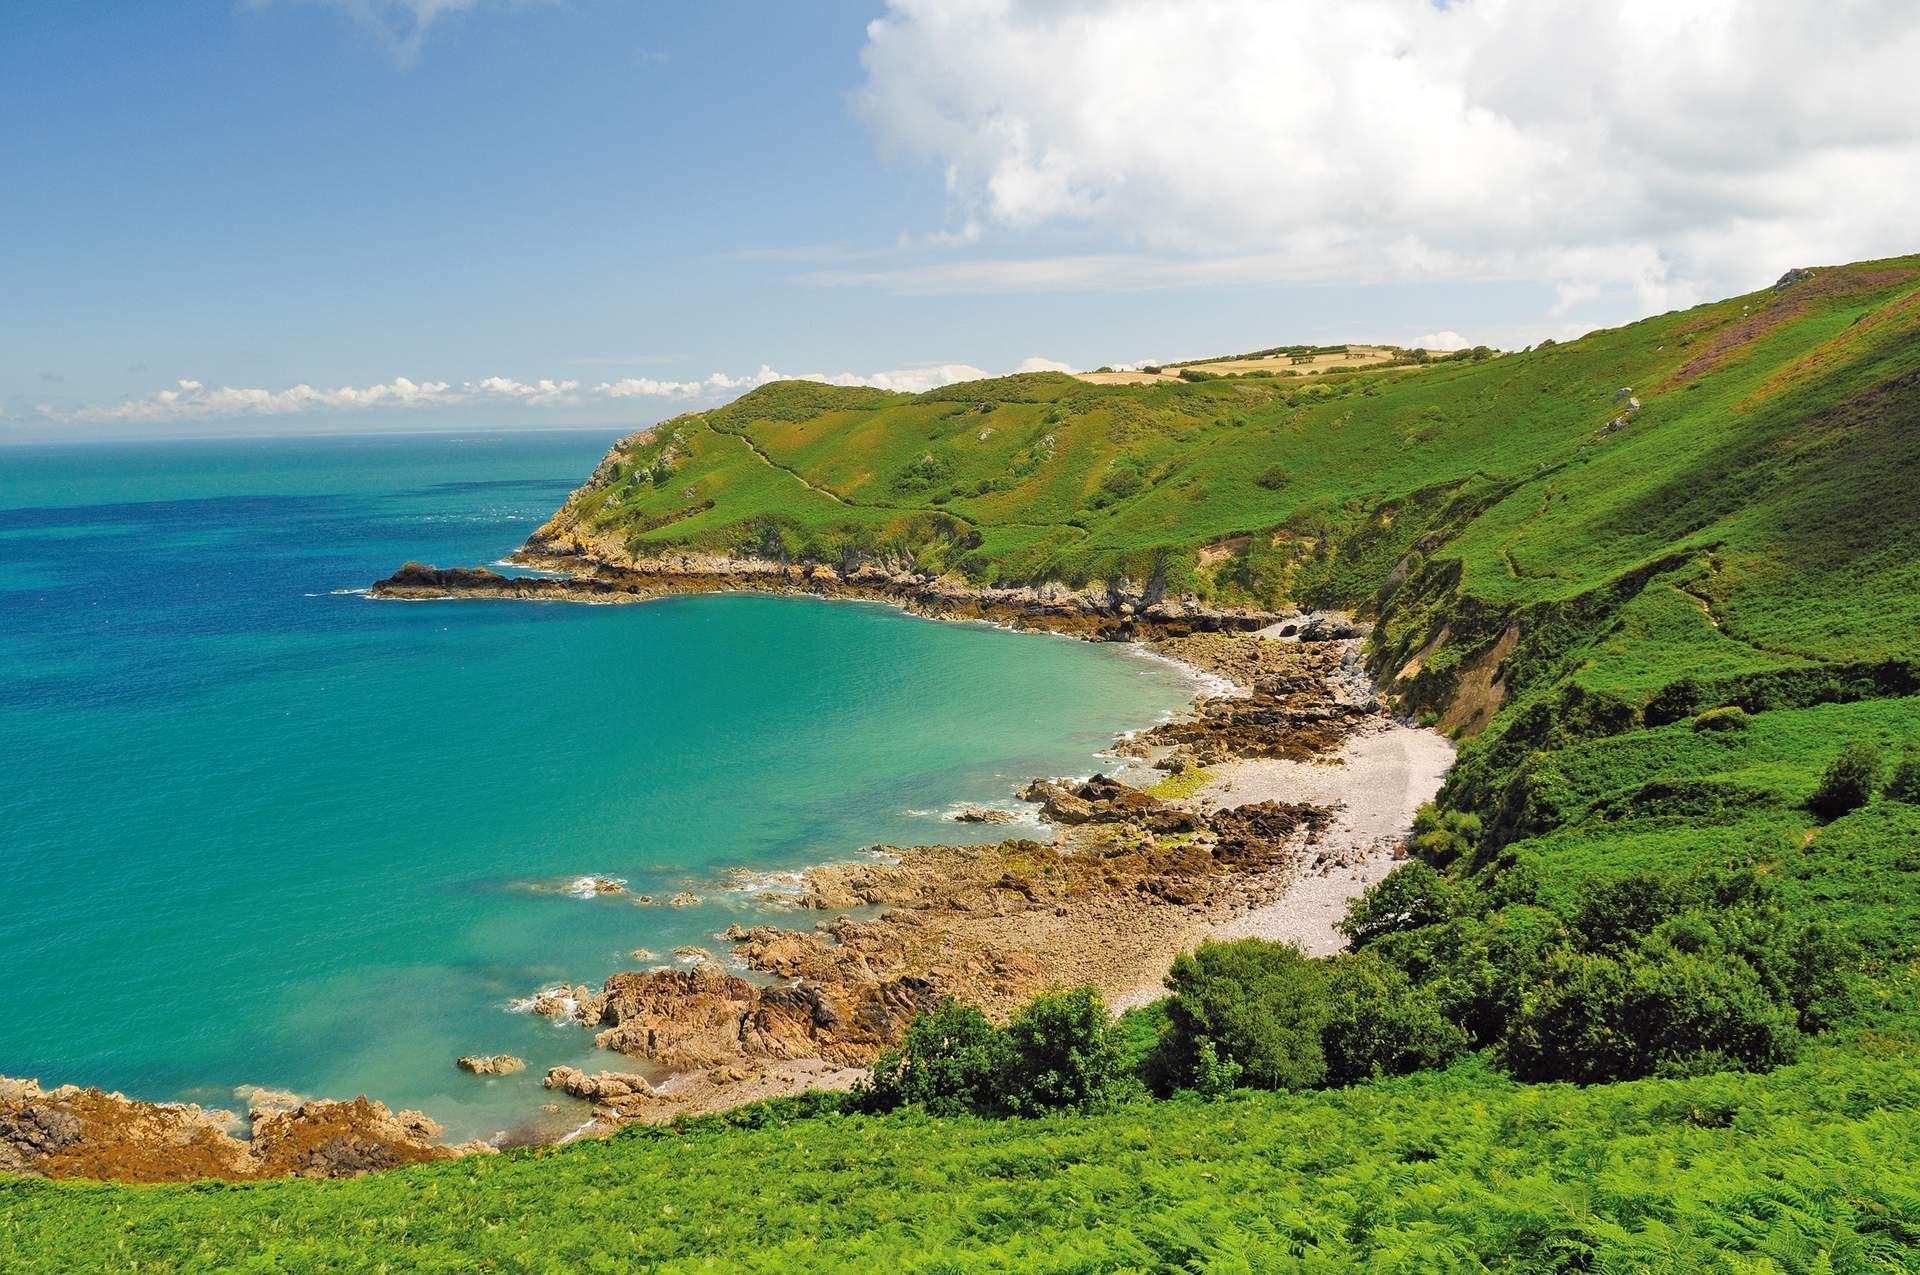 Giffard Bay